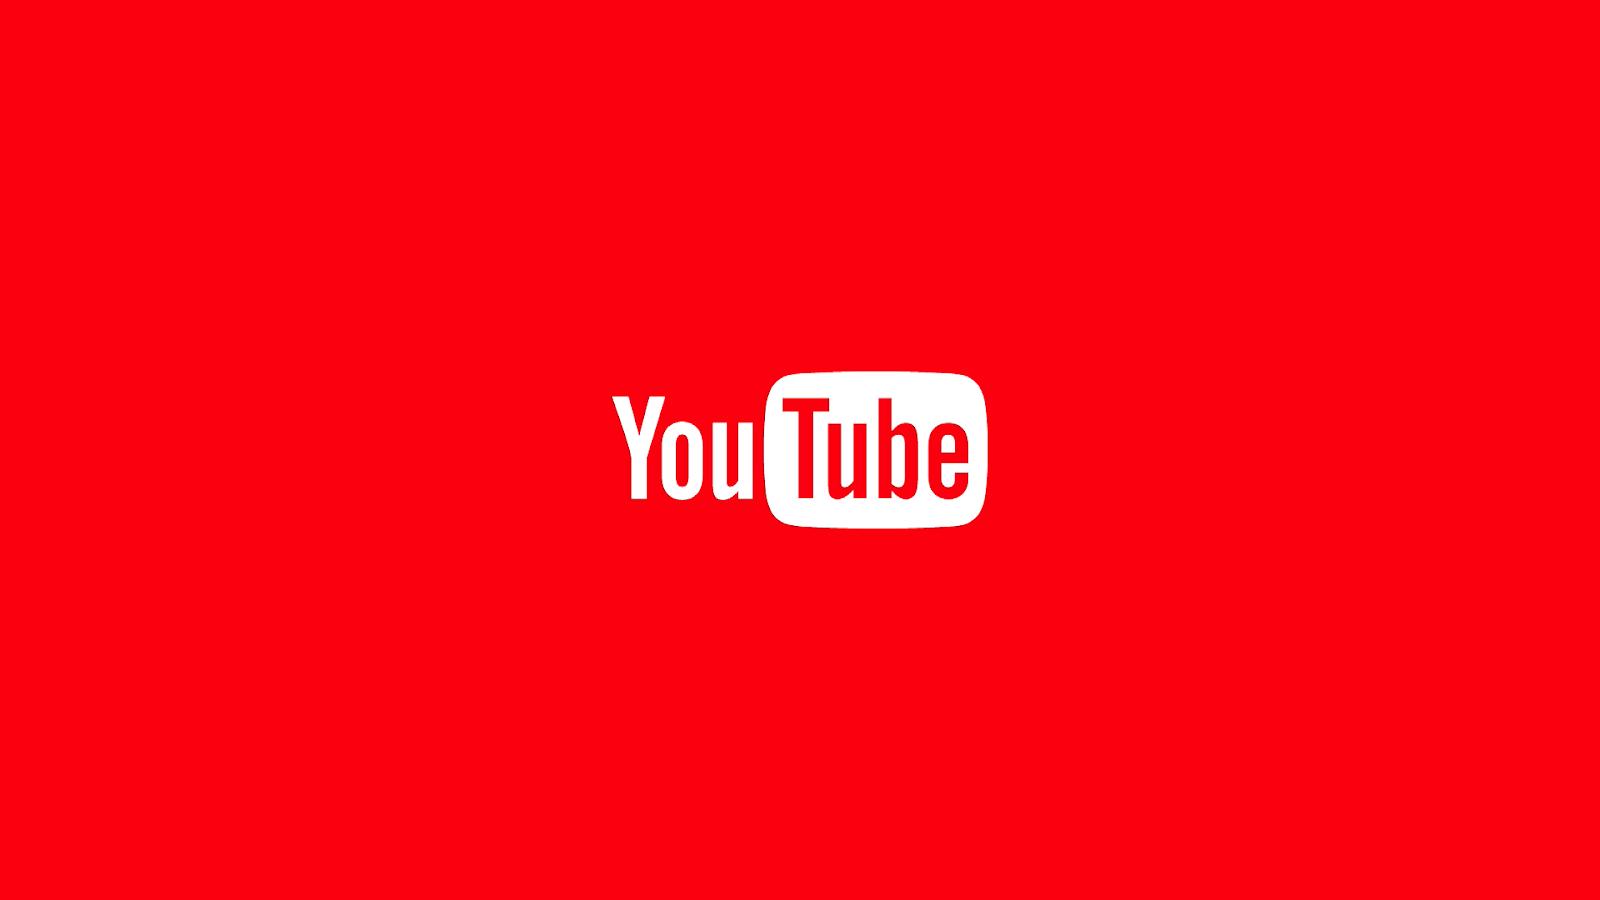 موقع تحميل فيديو من اليوتيوب بدون برامج